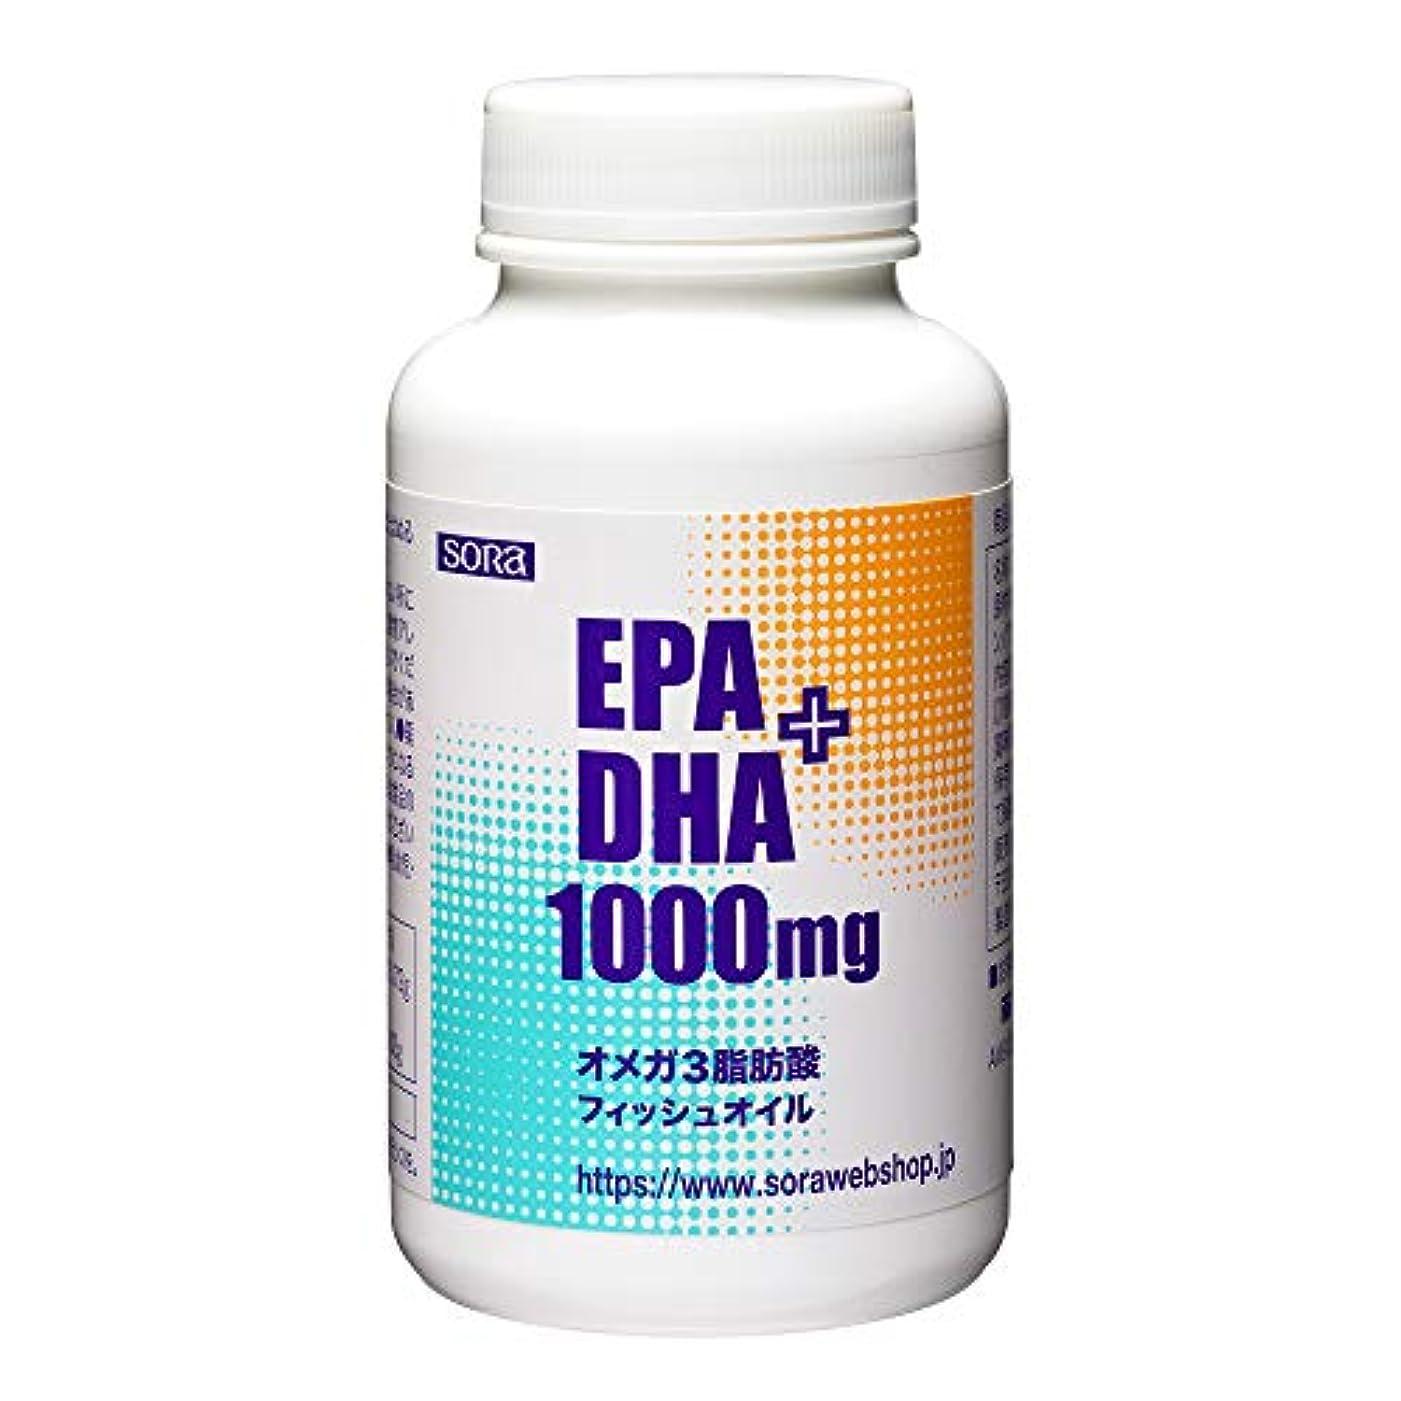 展望台花弁セッティングそら EPA+DHA 1000mg (魚のオイル オメガ3 180粒入)